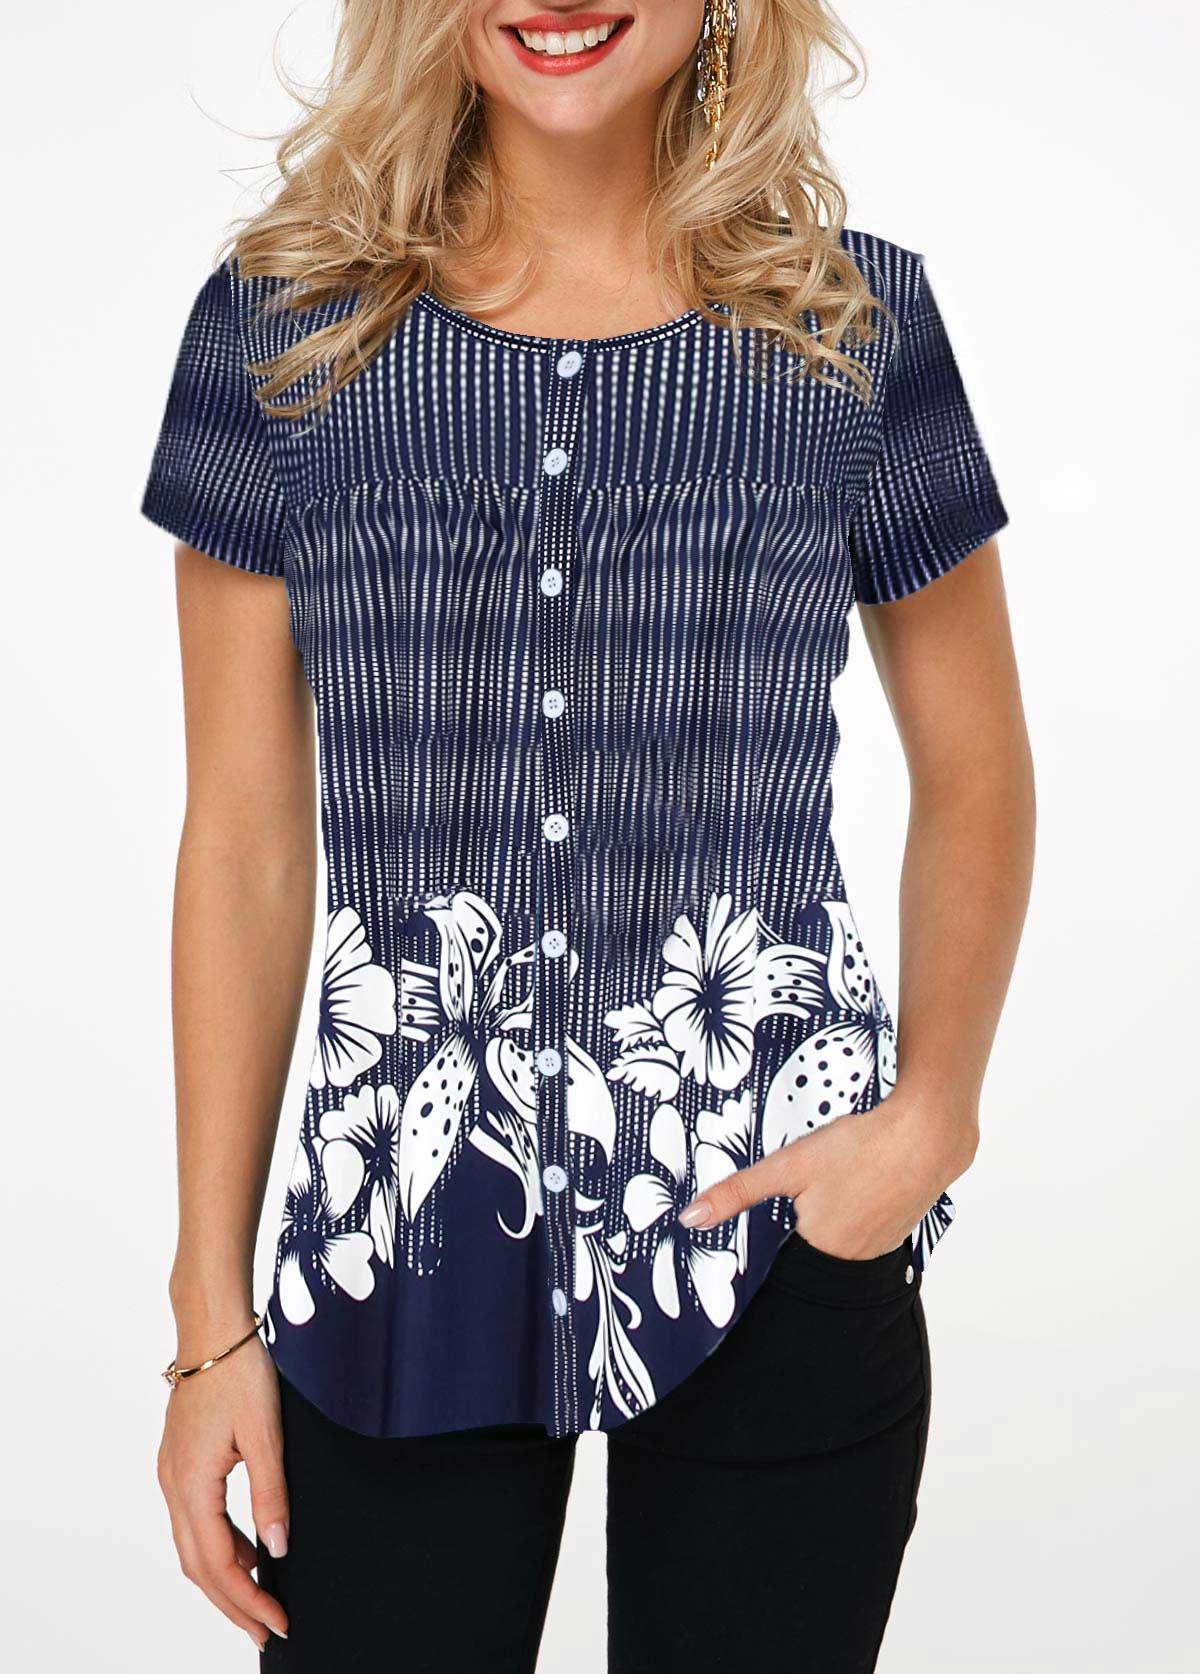 Dot and Flower Print Button Up Shirt